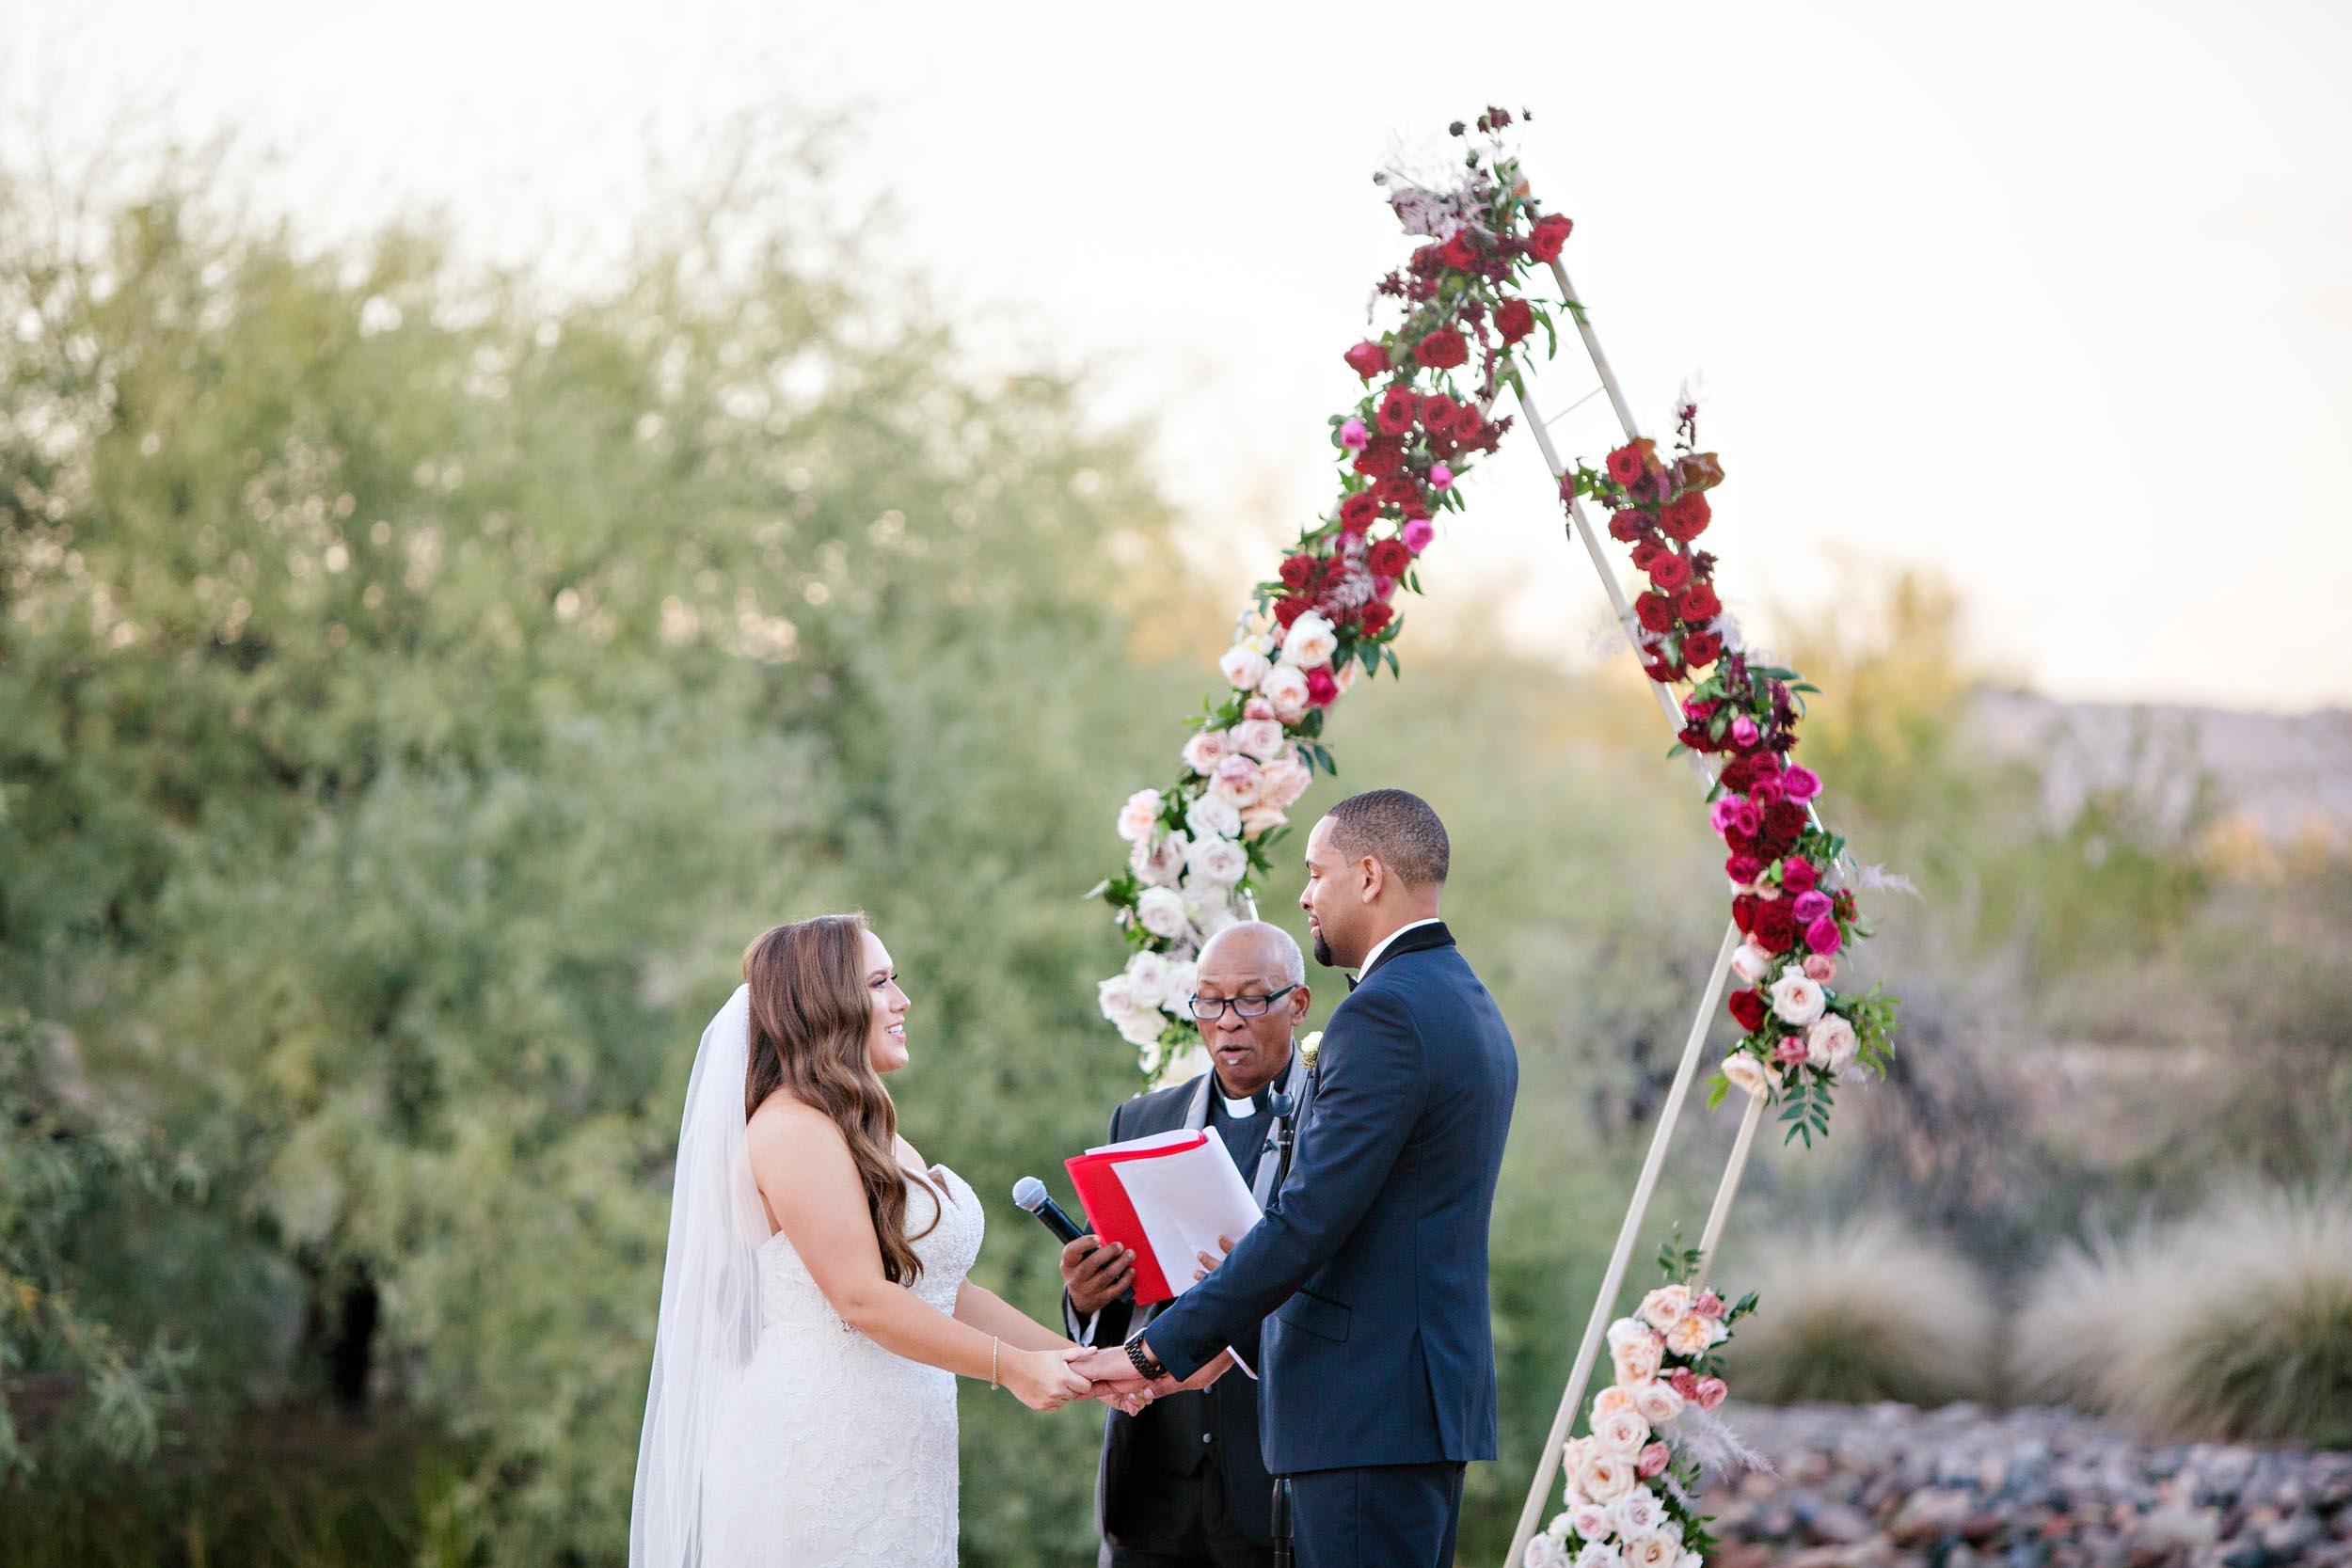 weddings-wildhorse-21.jpg